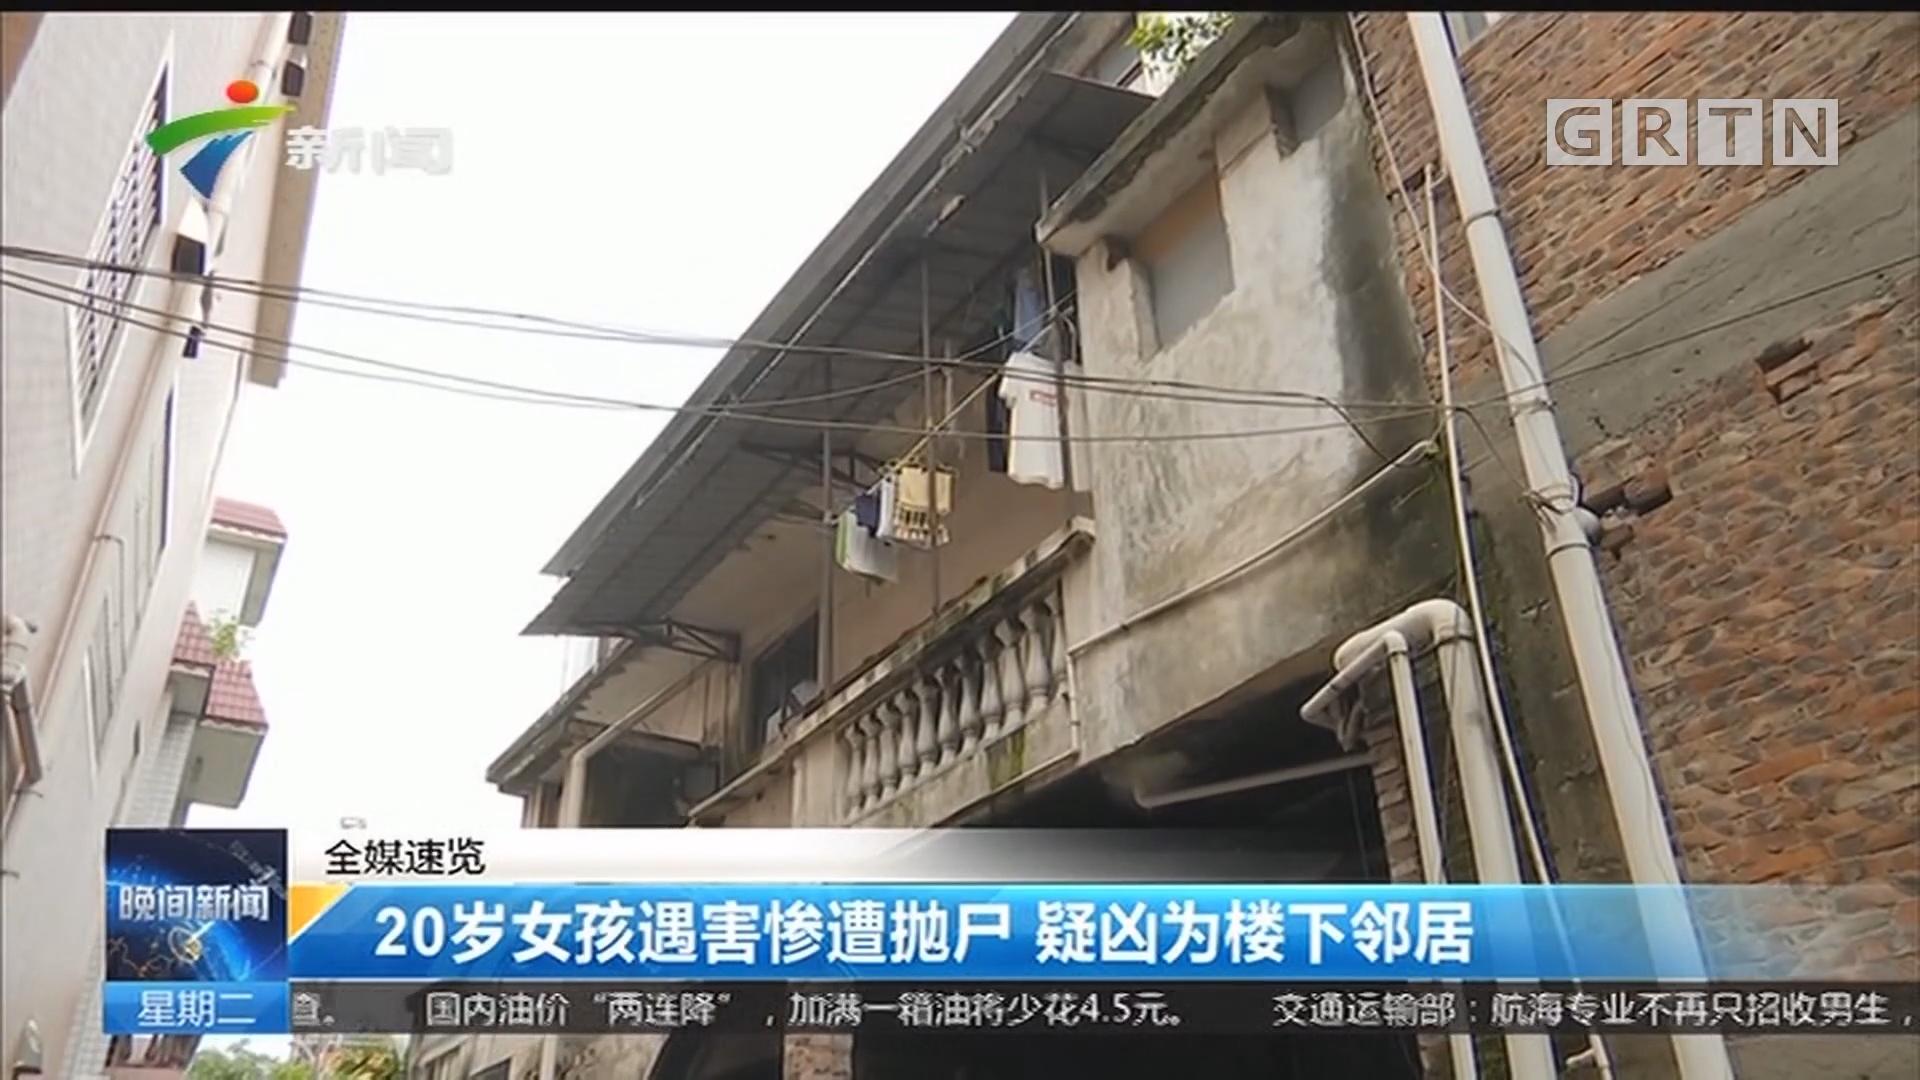 20岁女孩遇害惨遭抛尸 疑凶为楼下邻居